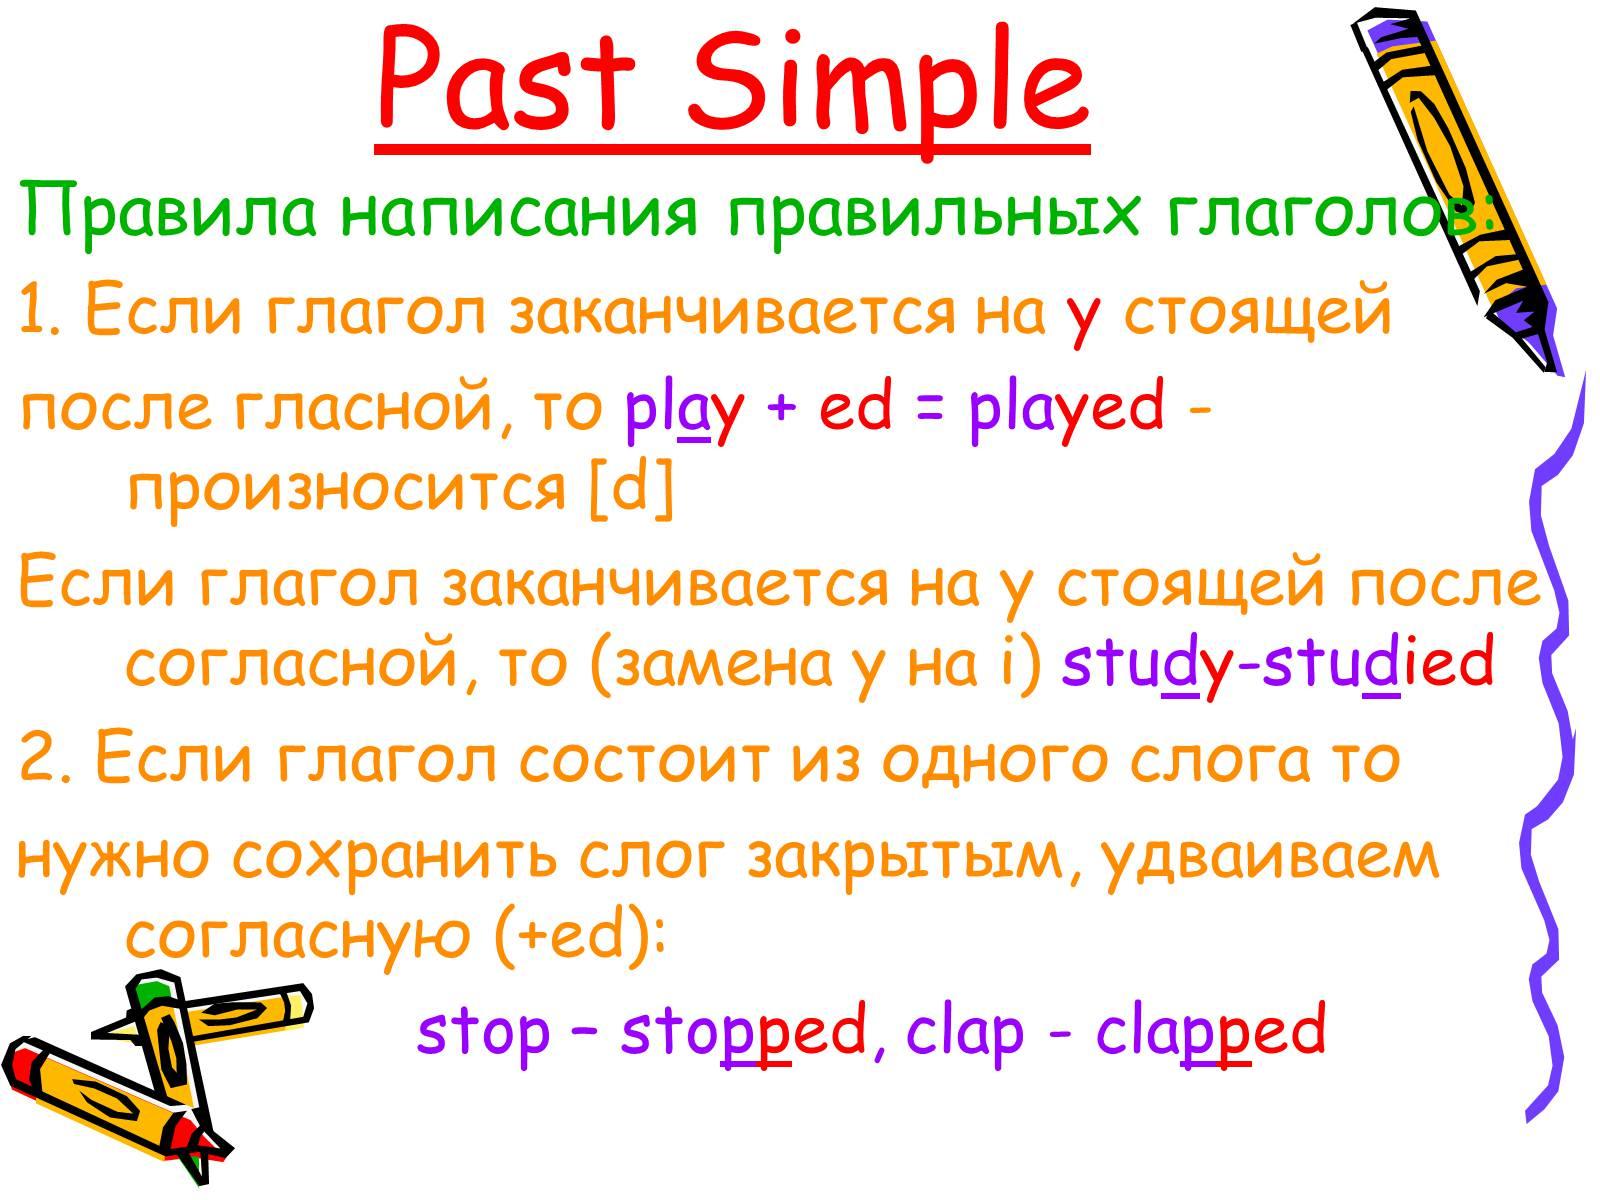 Популярные английские пословицы и их русский перевод